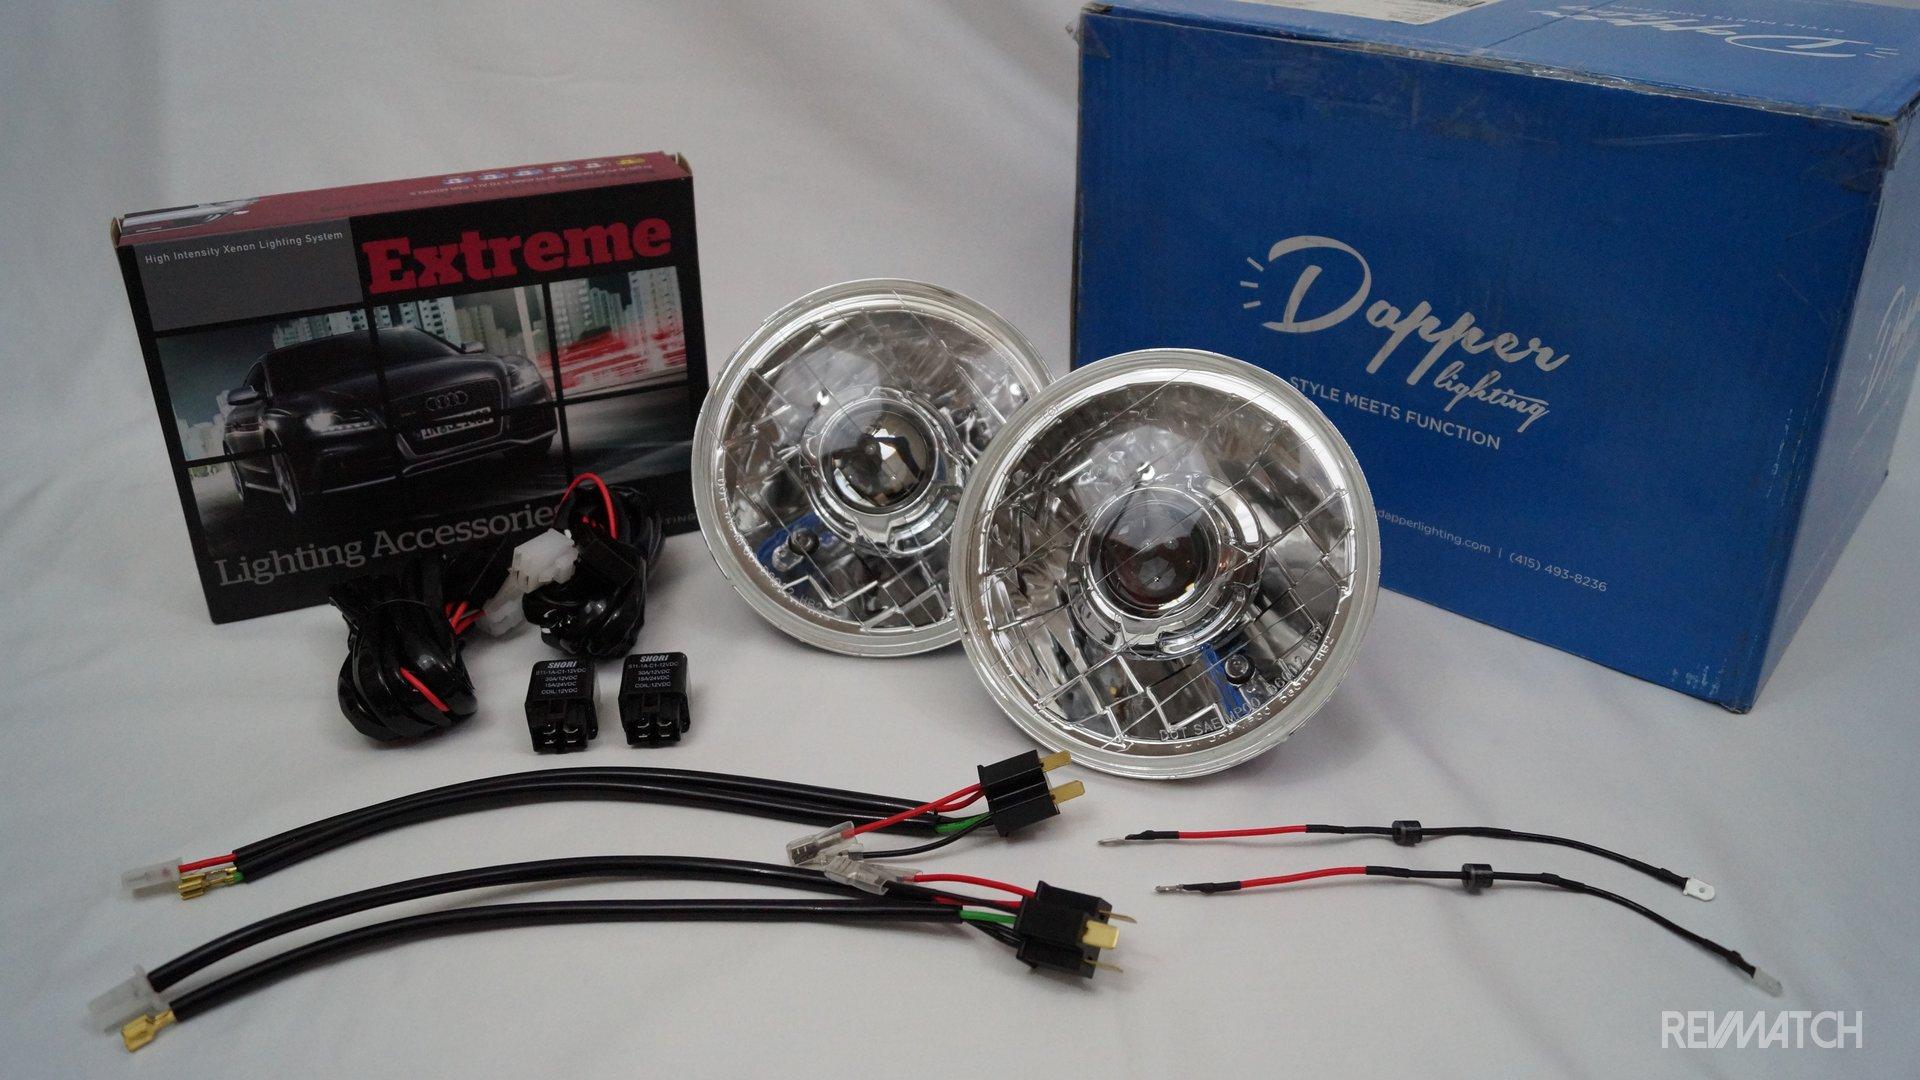 Clic meets Modern: Dapper Lighting 7